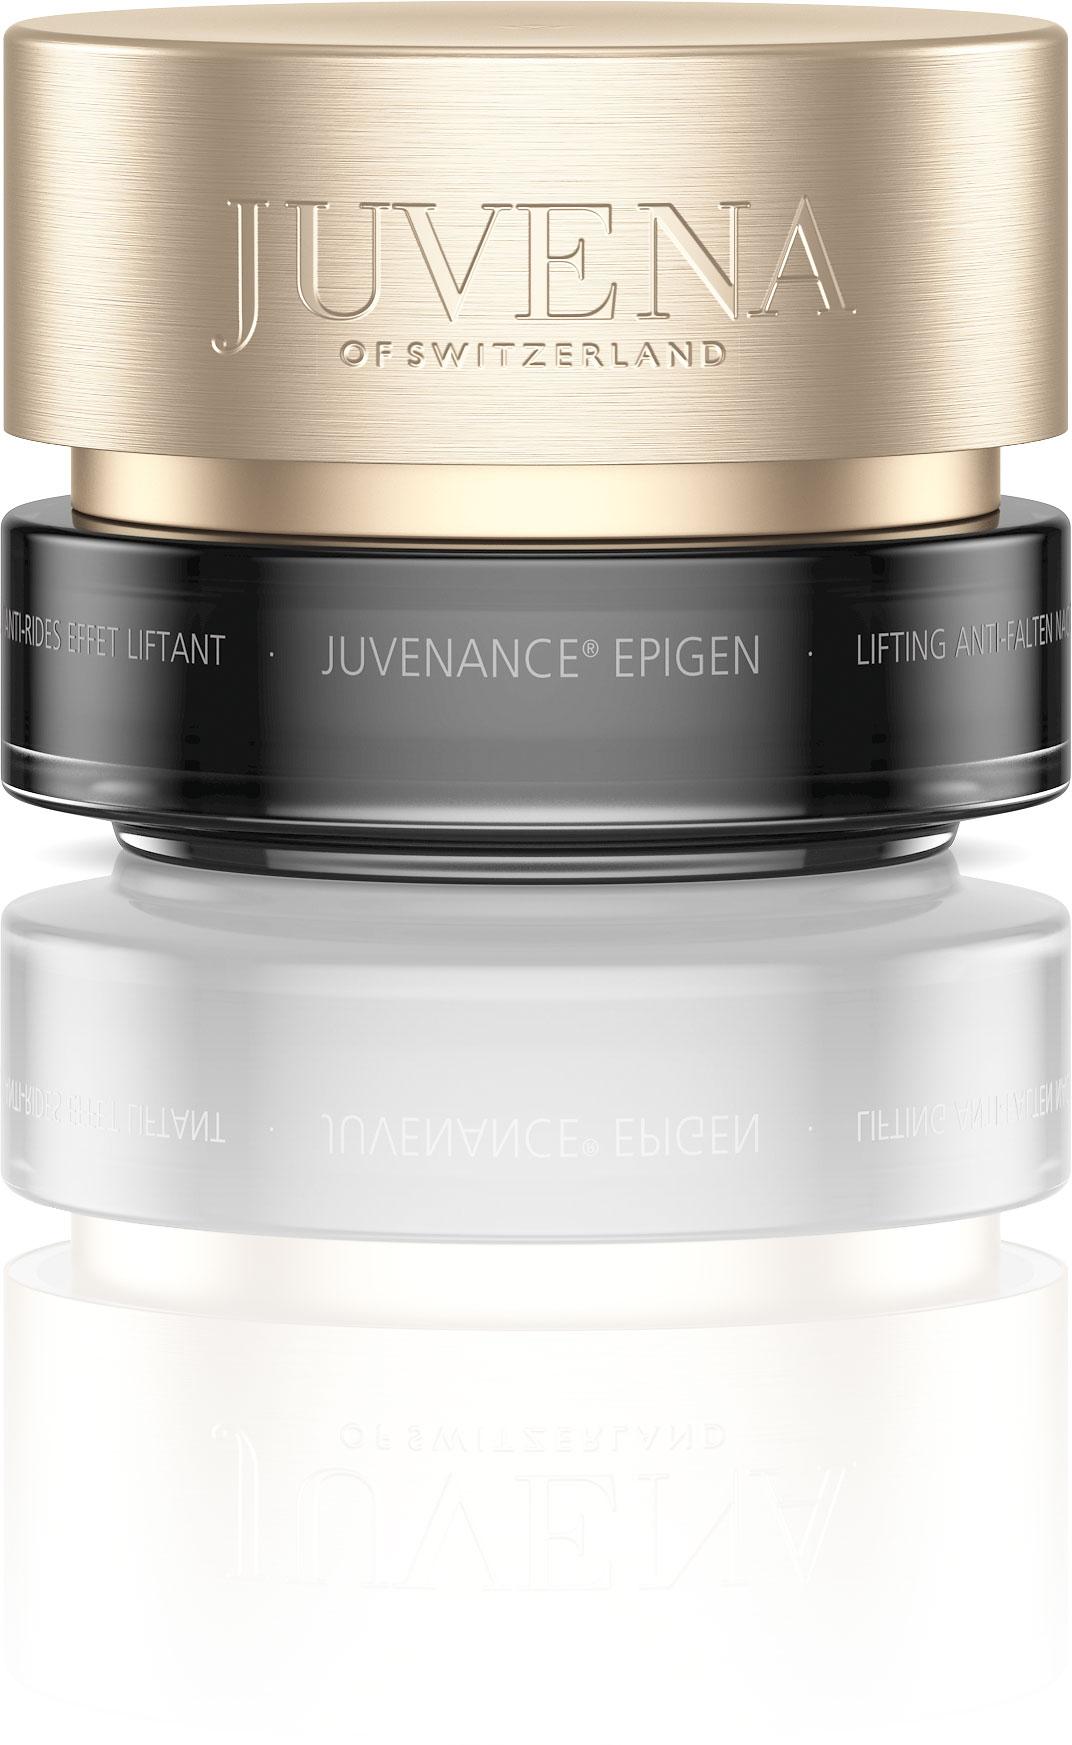 Juvena Epigen Lifting Anti Wrinkle Night Creme 50 ml